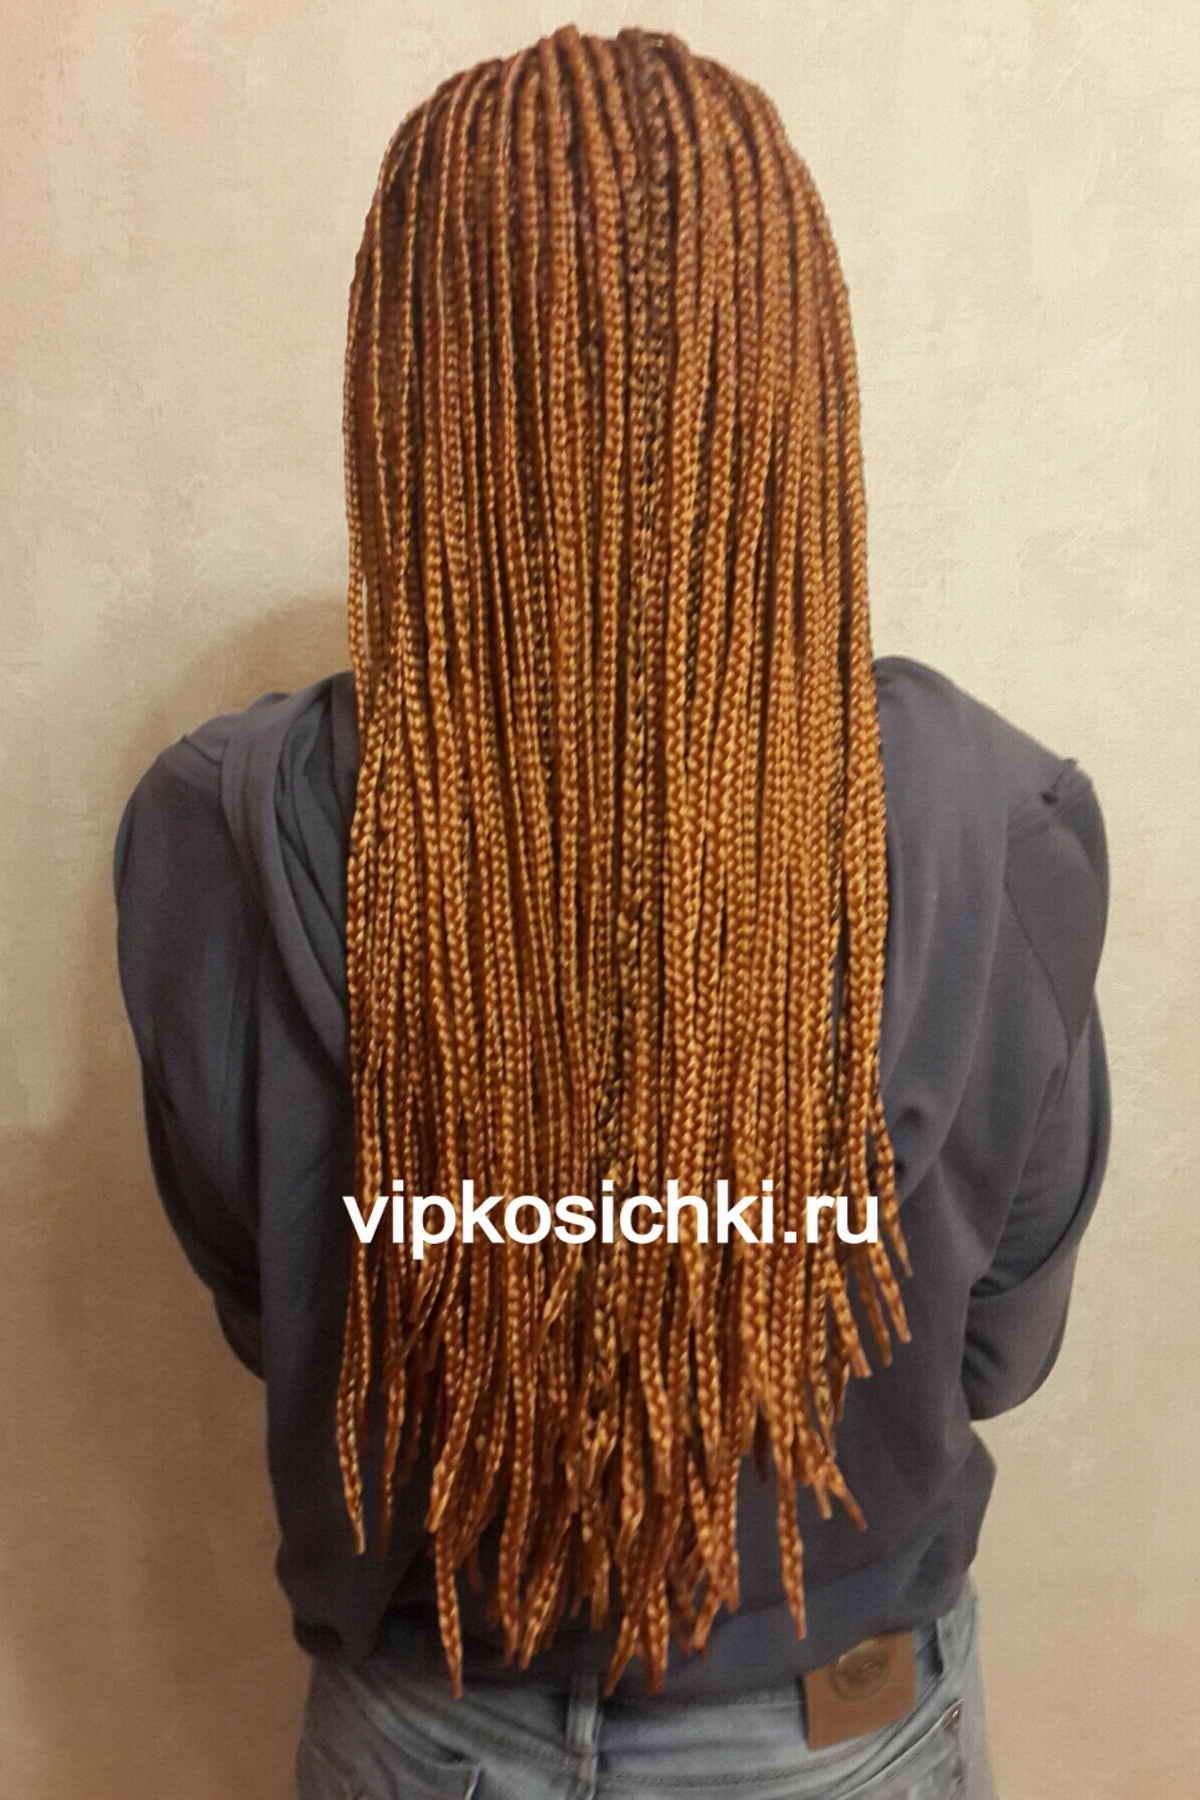 afrikanskie_kosichki-25